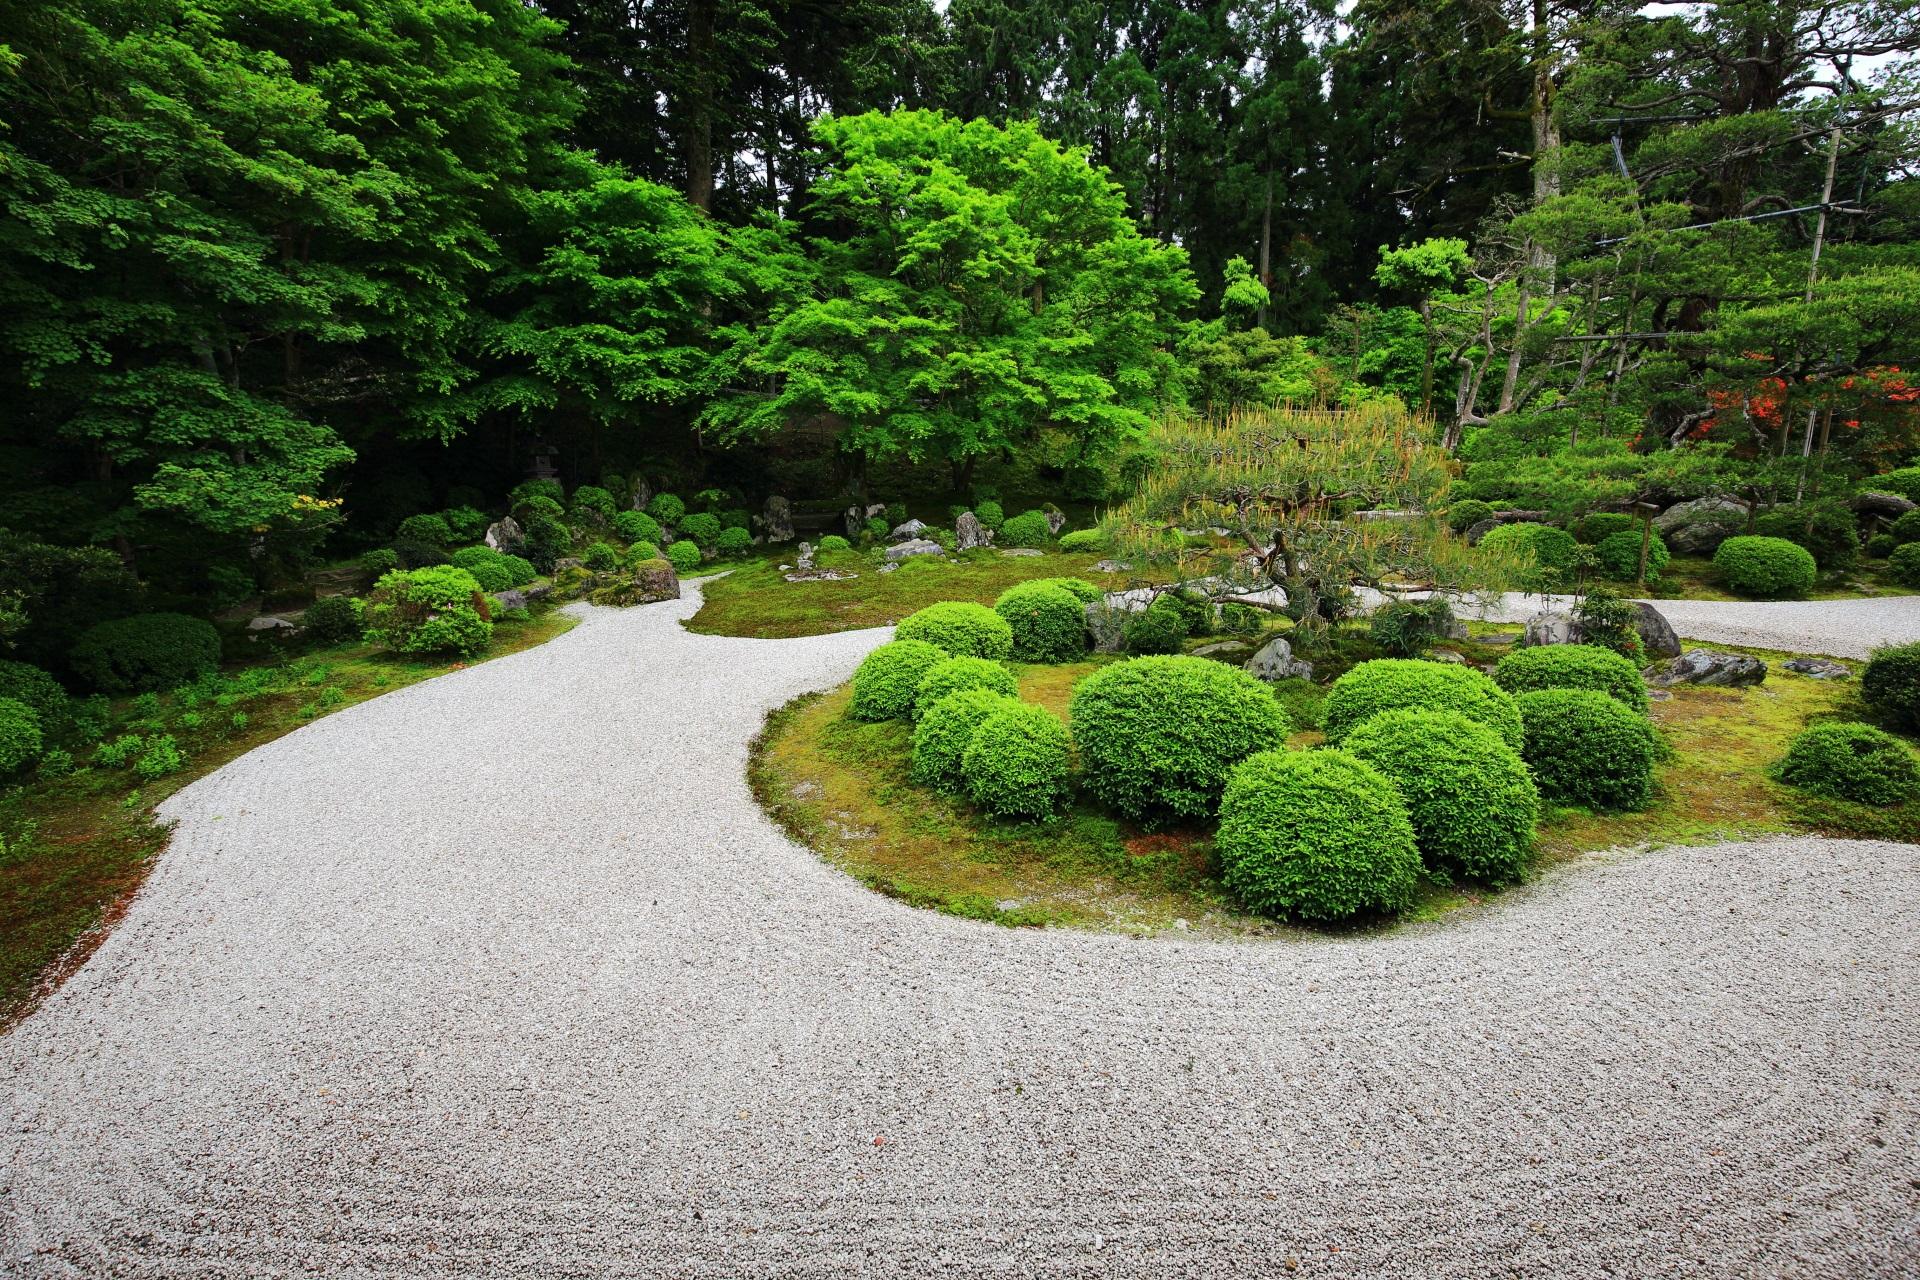 小書院南側に広がる白砂と緑の曼殊院の枯山水庭園